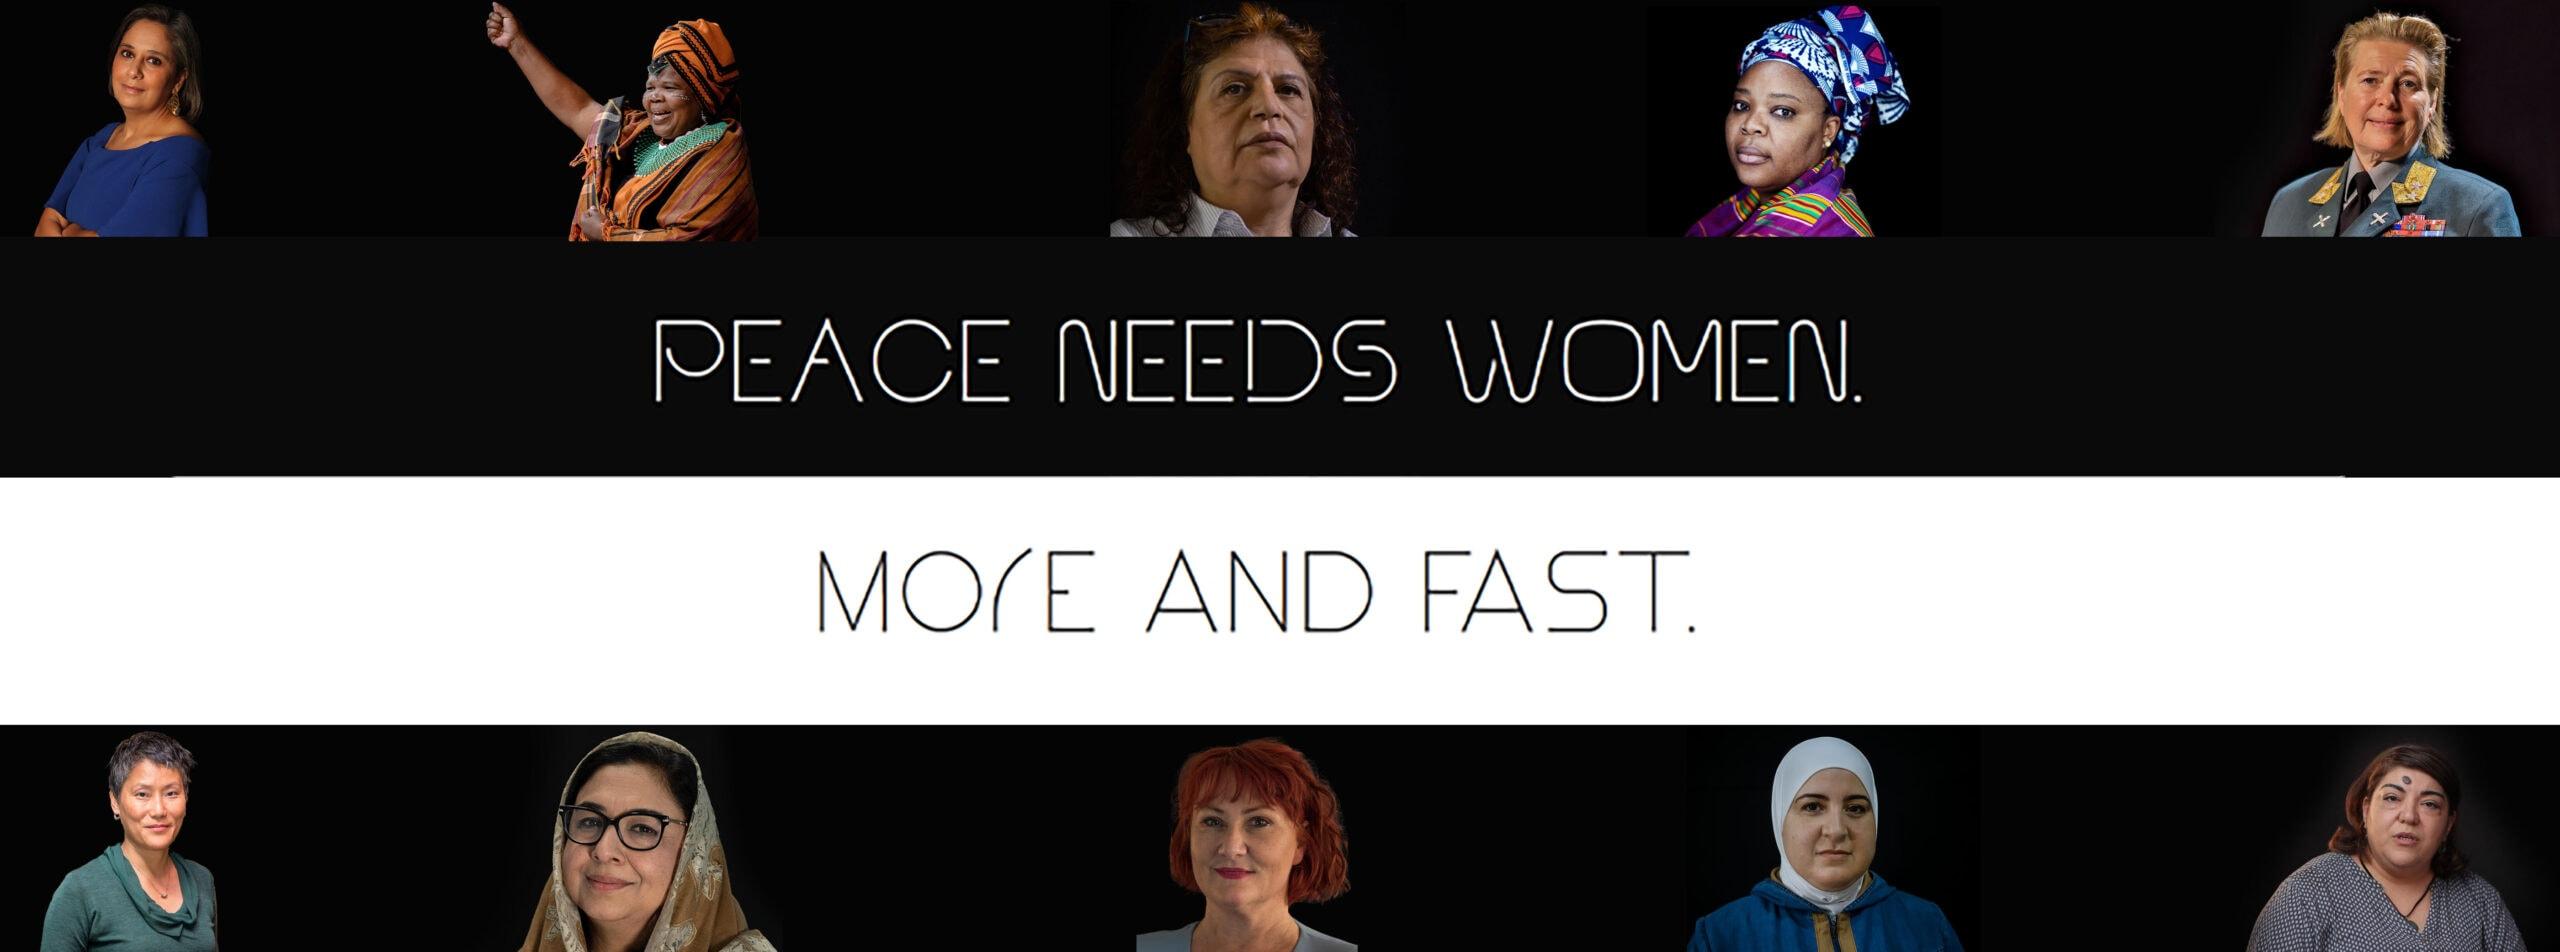 Hannahs Monthly - #SHEcurity: Peace needs women. More and fast! – Ein Monat im Zeichen der UN-Resolution 1325